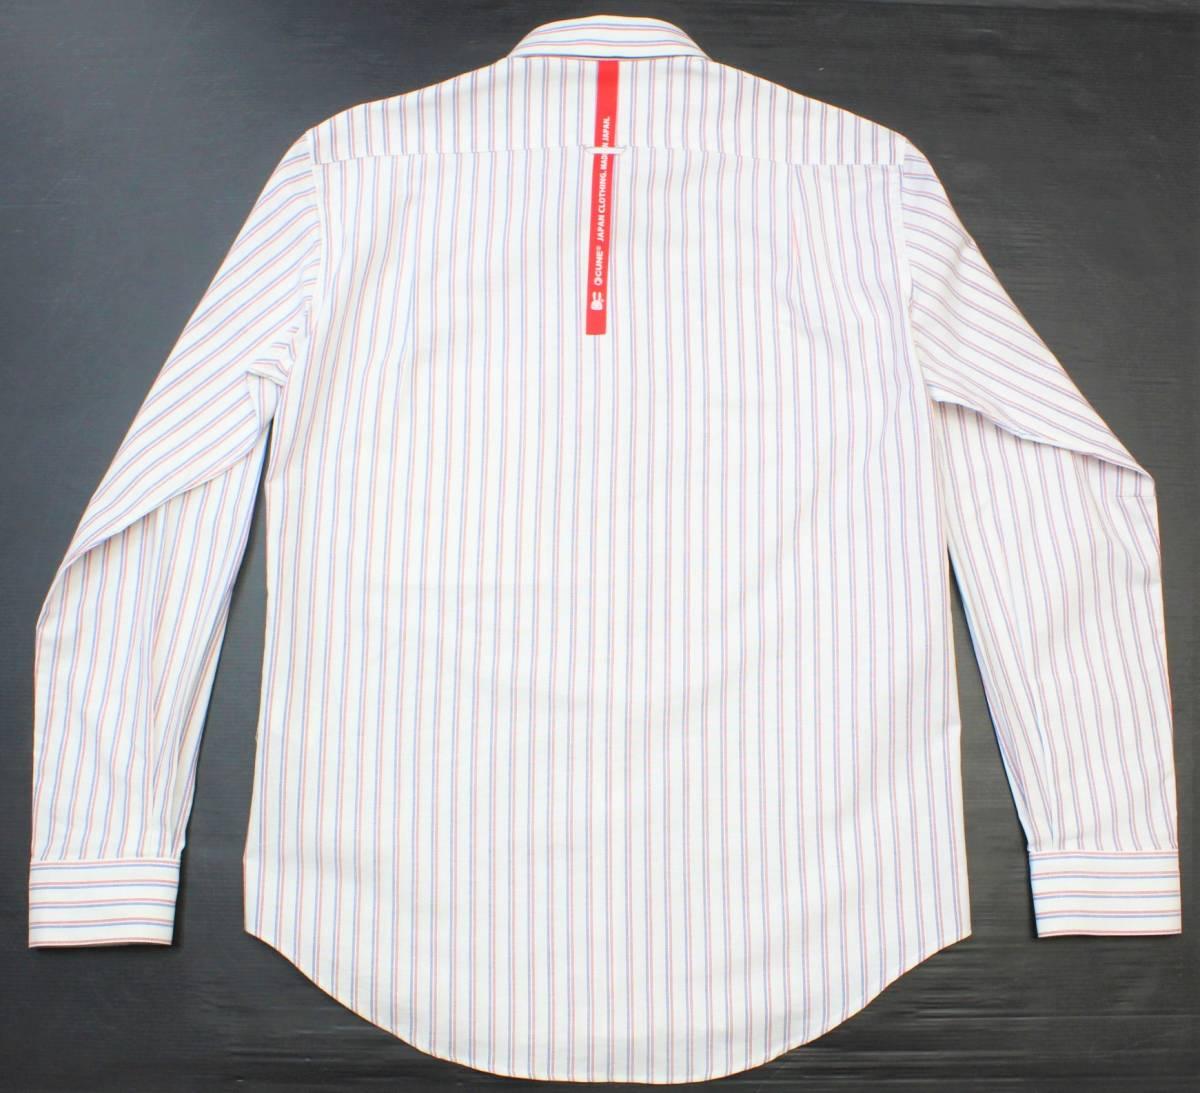 CL13キューン2(M)ボタンダウン 長袖シャツ ストライプCUNE日本製 切り込みポケット シャツ ウサギ 刺繍_画像3